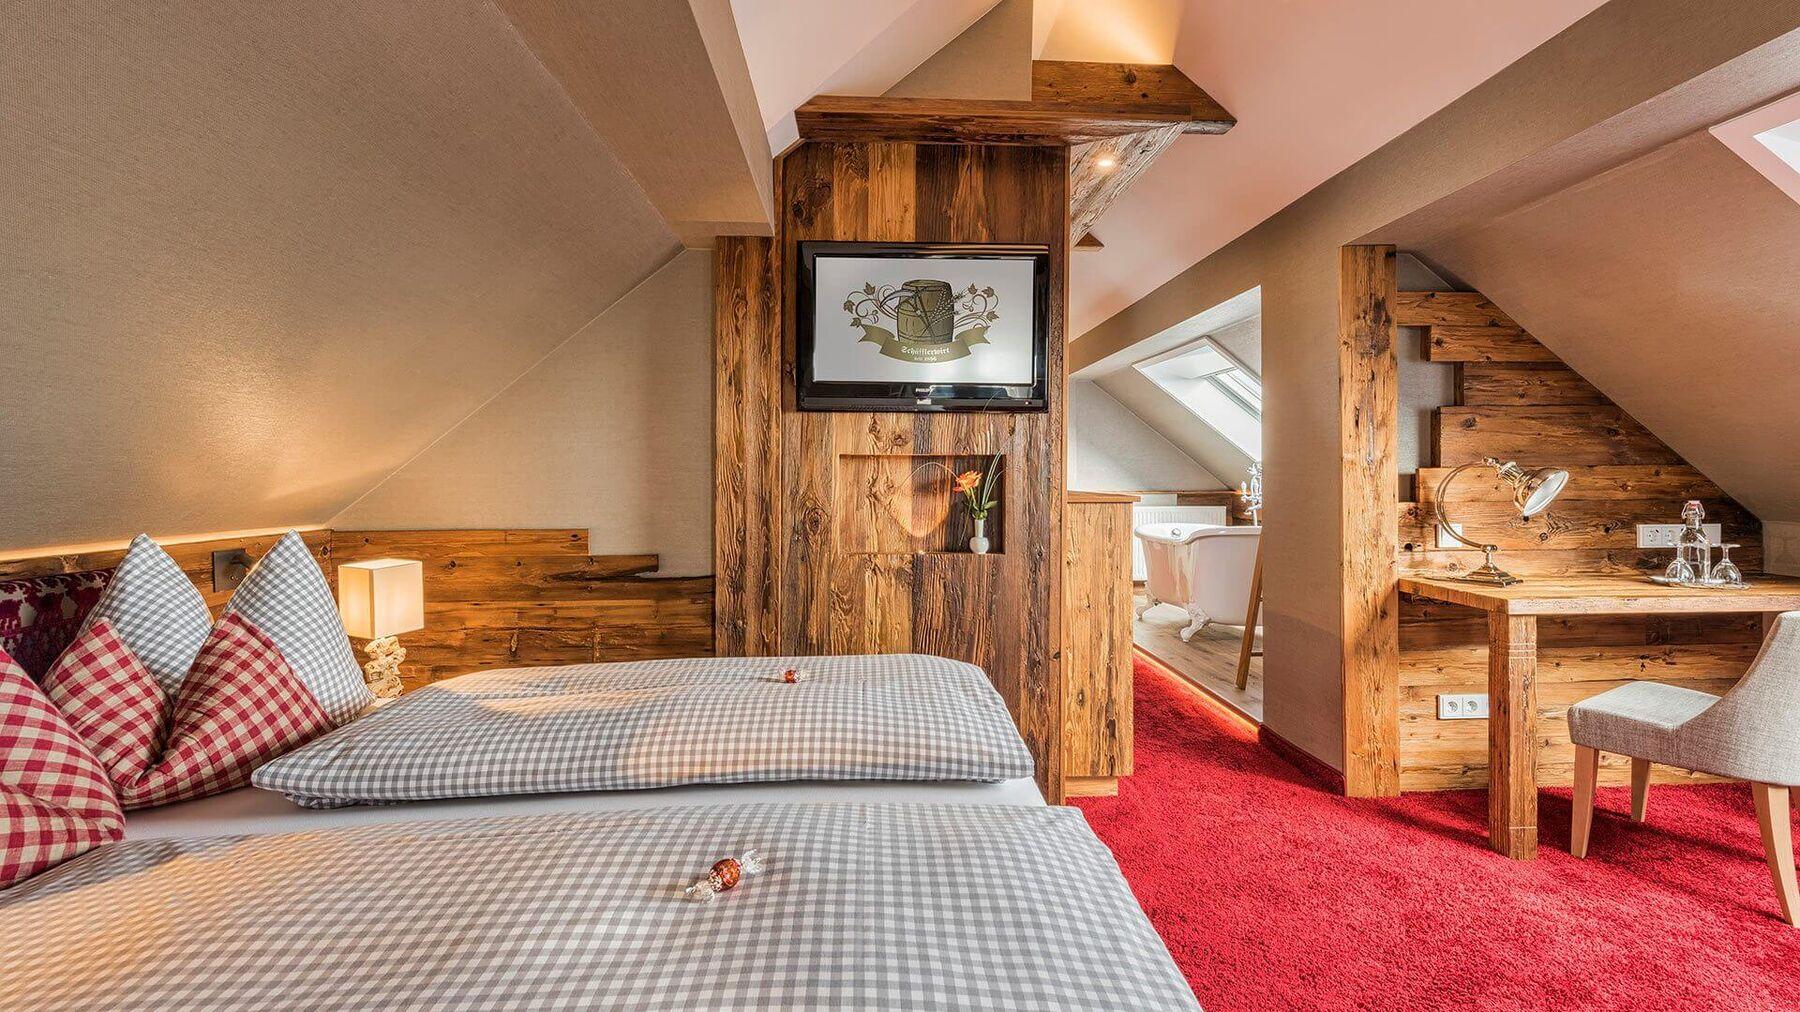 Hotel Schafflerwirt In Munchen